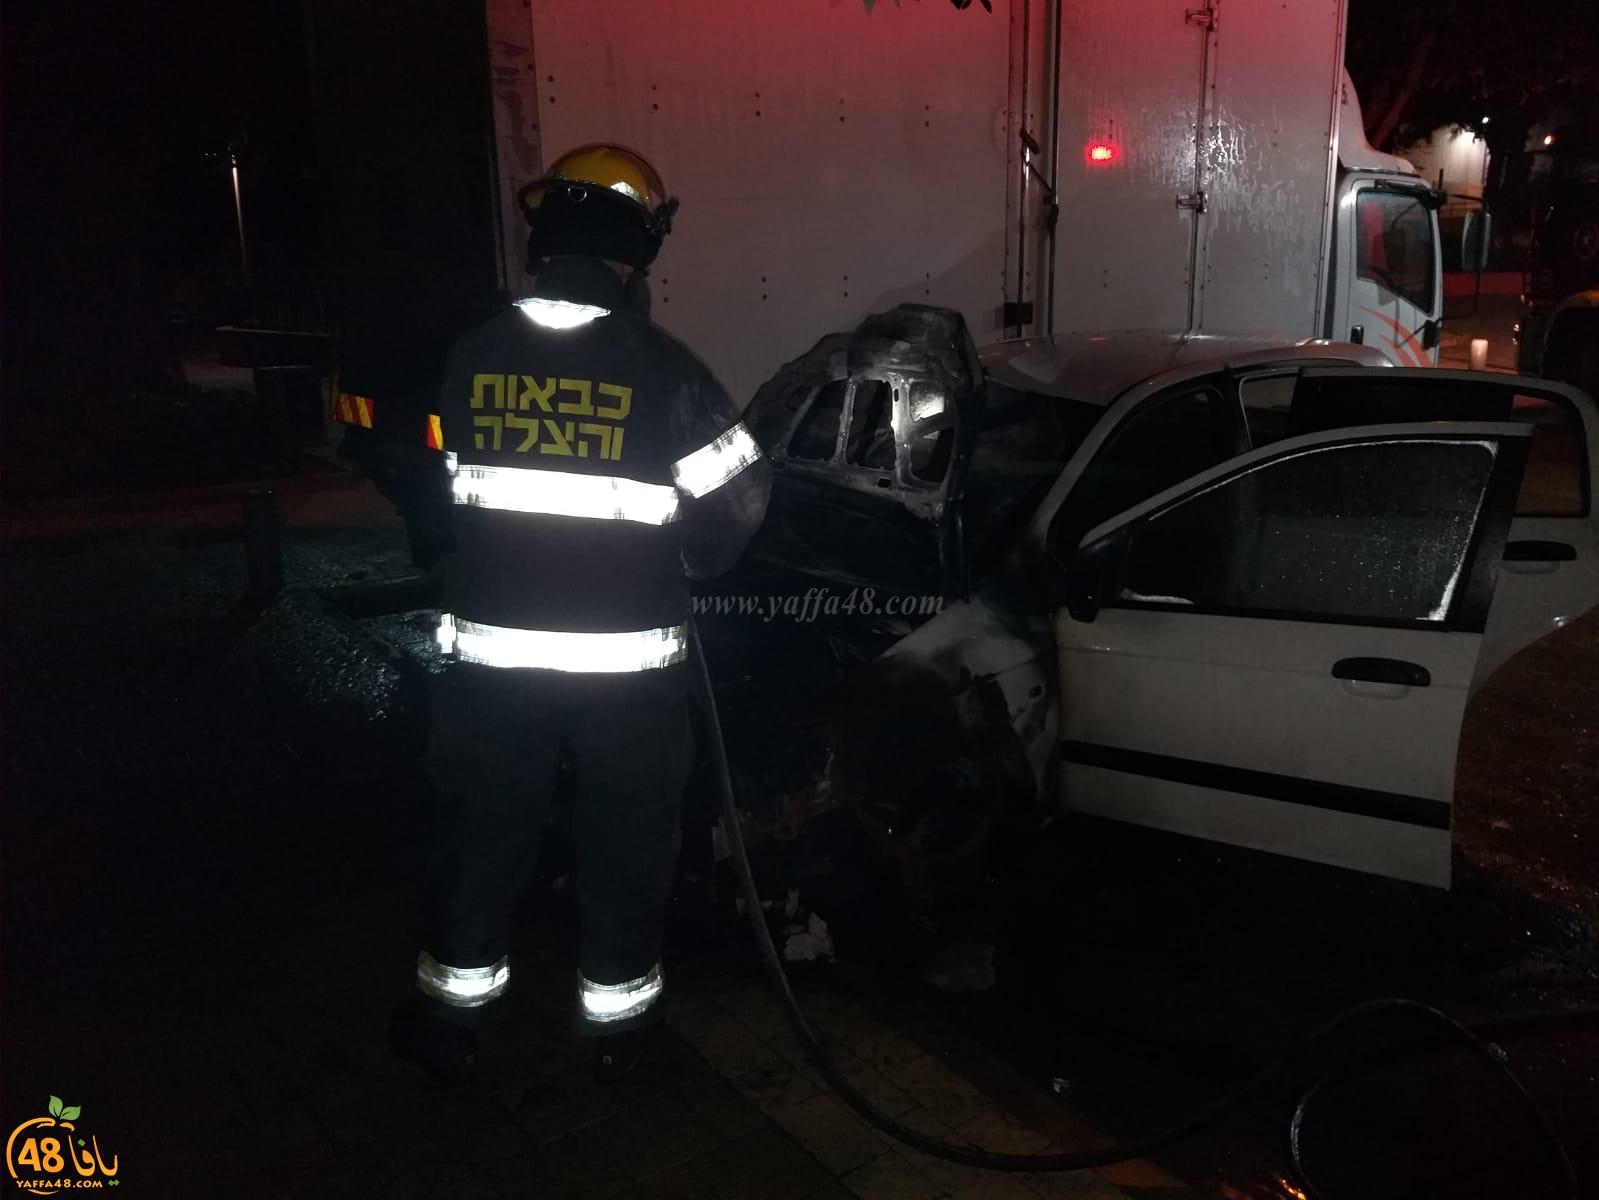 يافا: احتراق سيارة دون وقوع اصابات